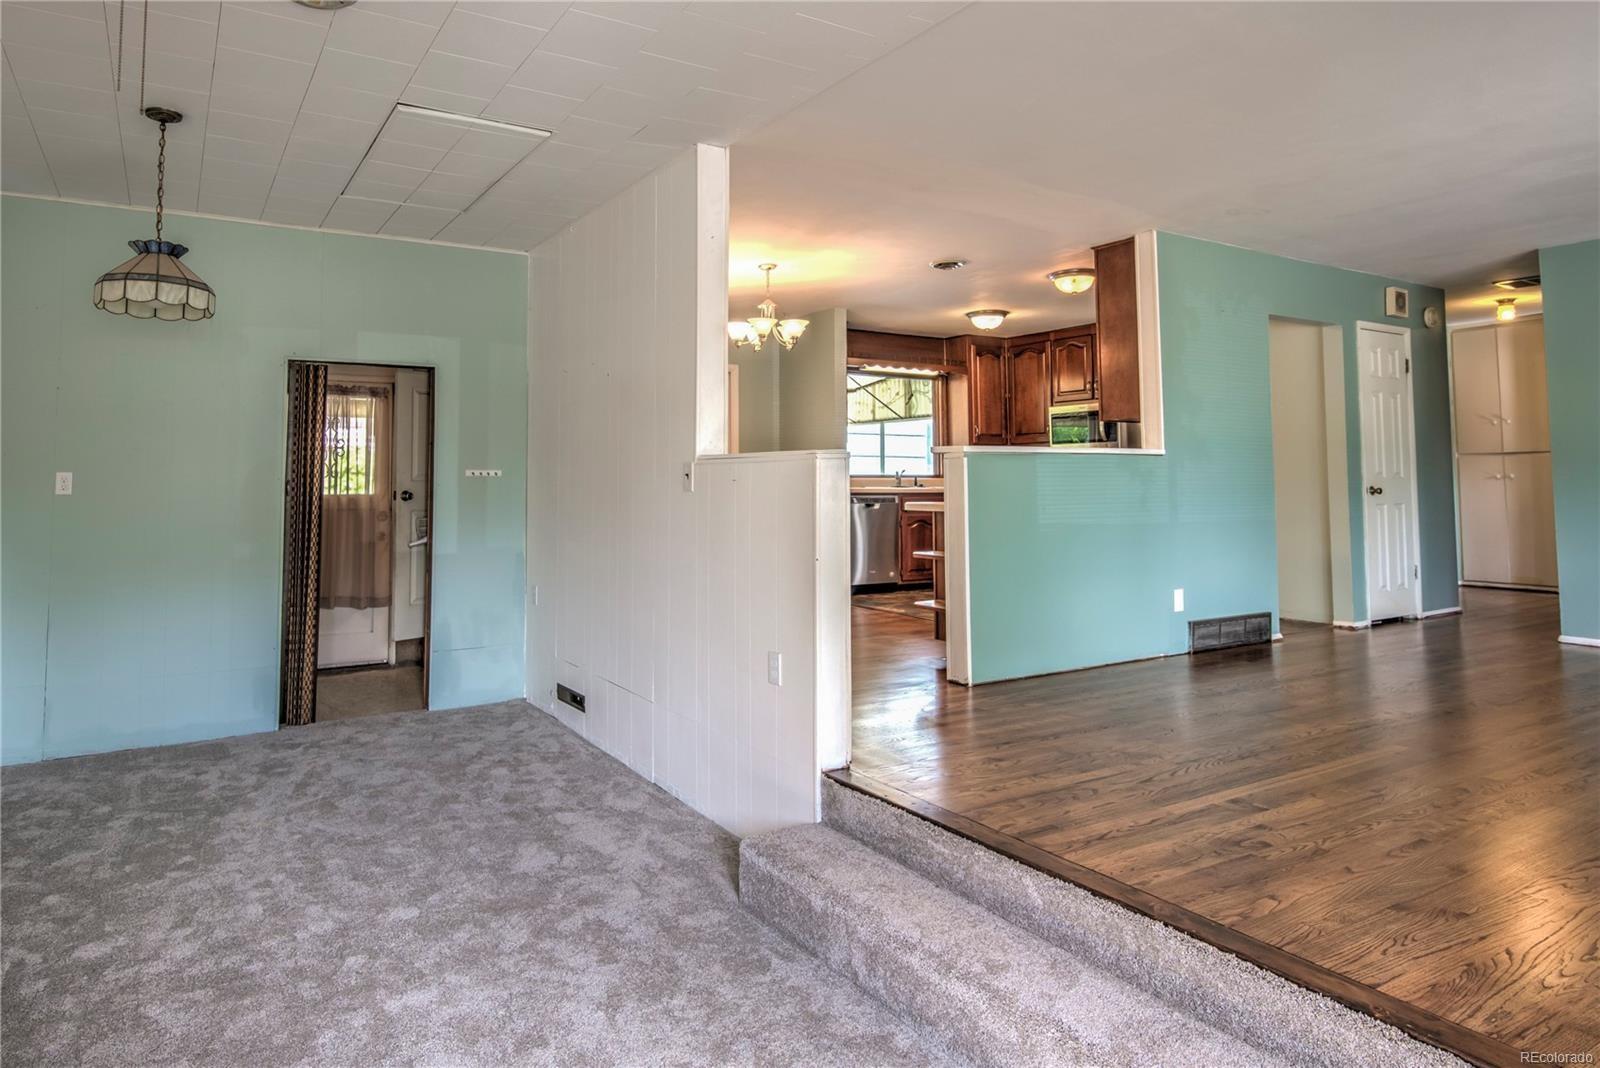 MLS# 4355129 - 8 - 1506 Querida Drive, Colorado Springs, CO 80909